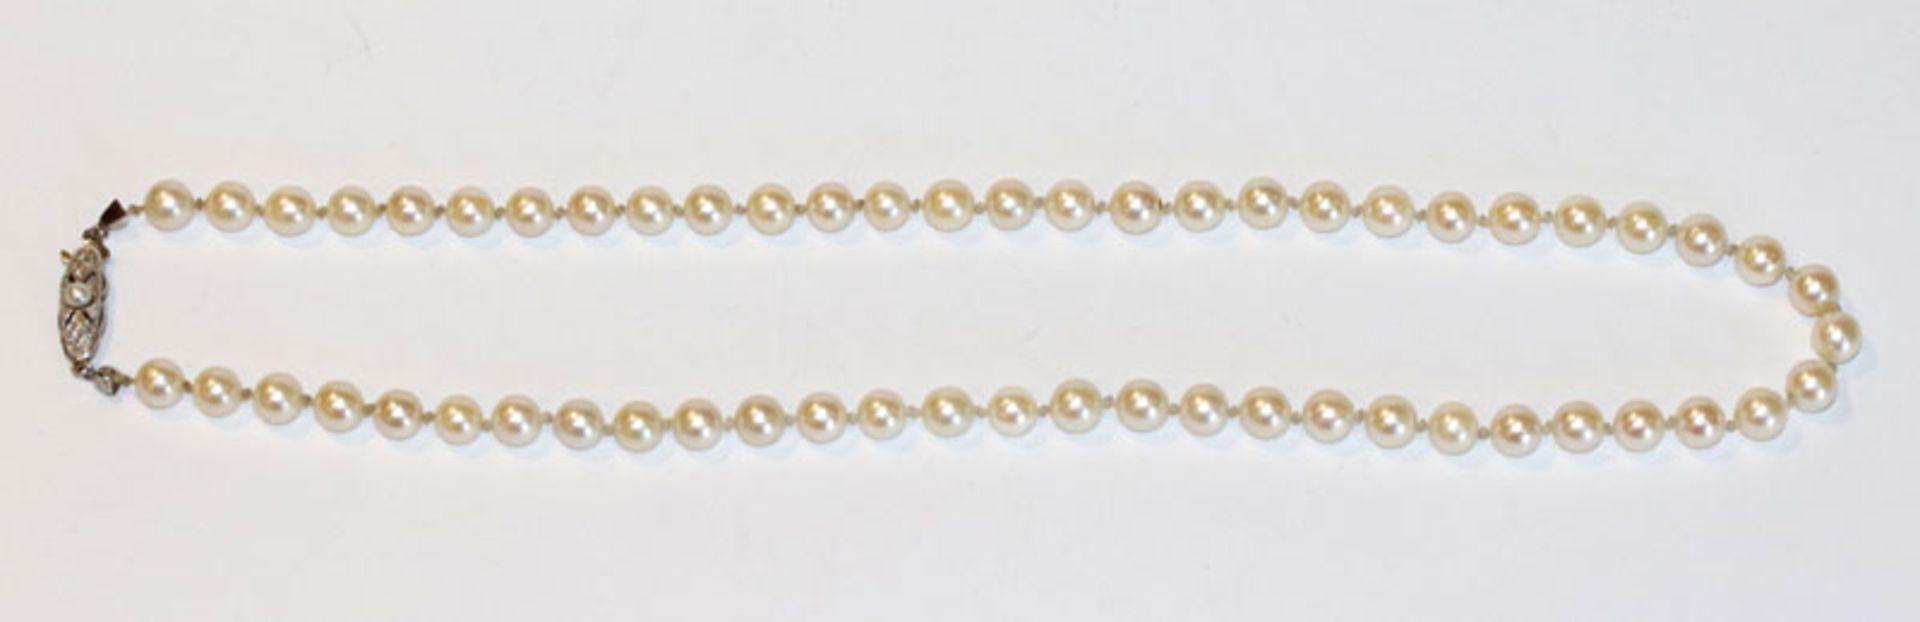 Perlenkette mit 14 k Weißgoldschließe, L 45 cm